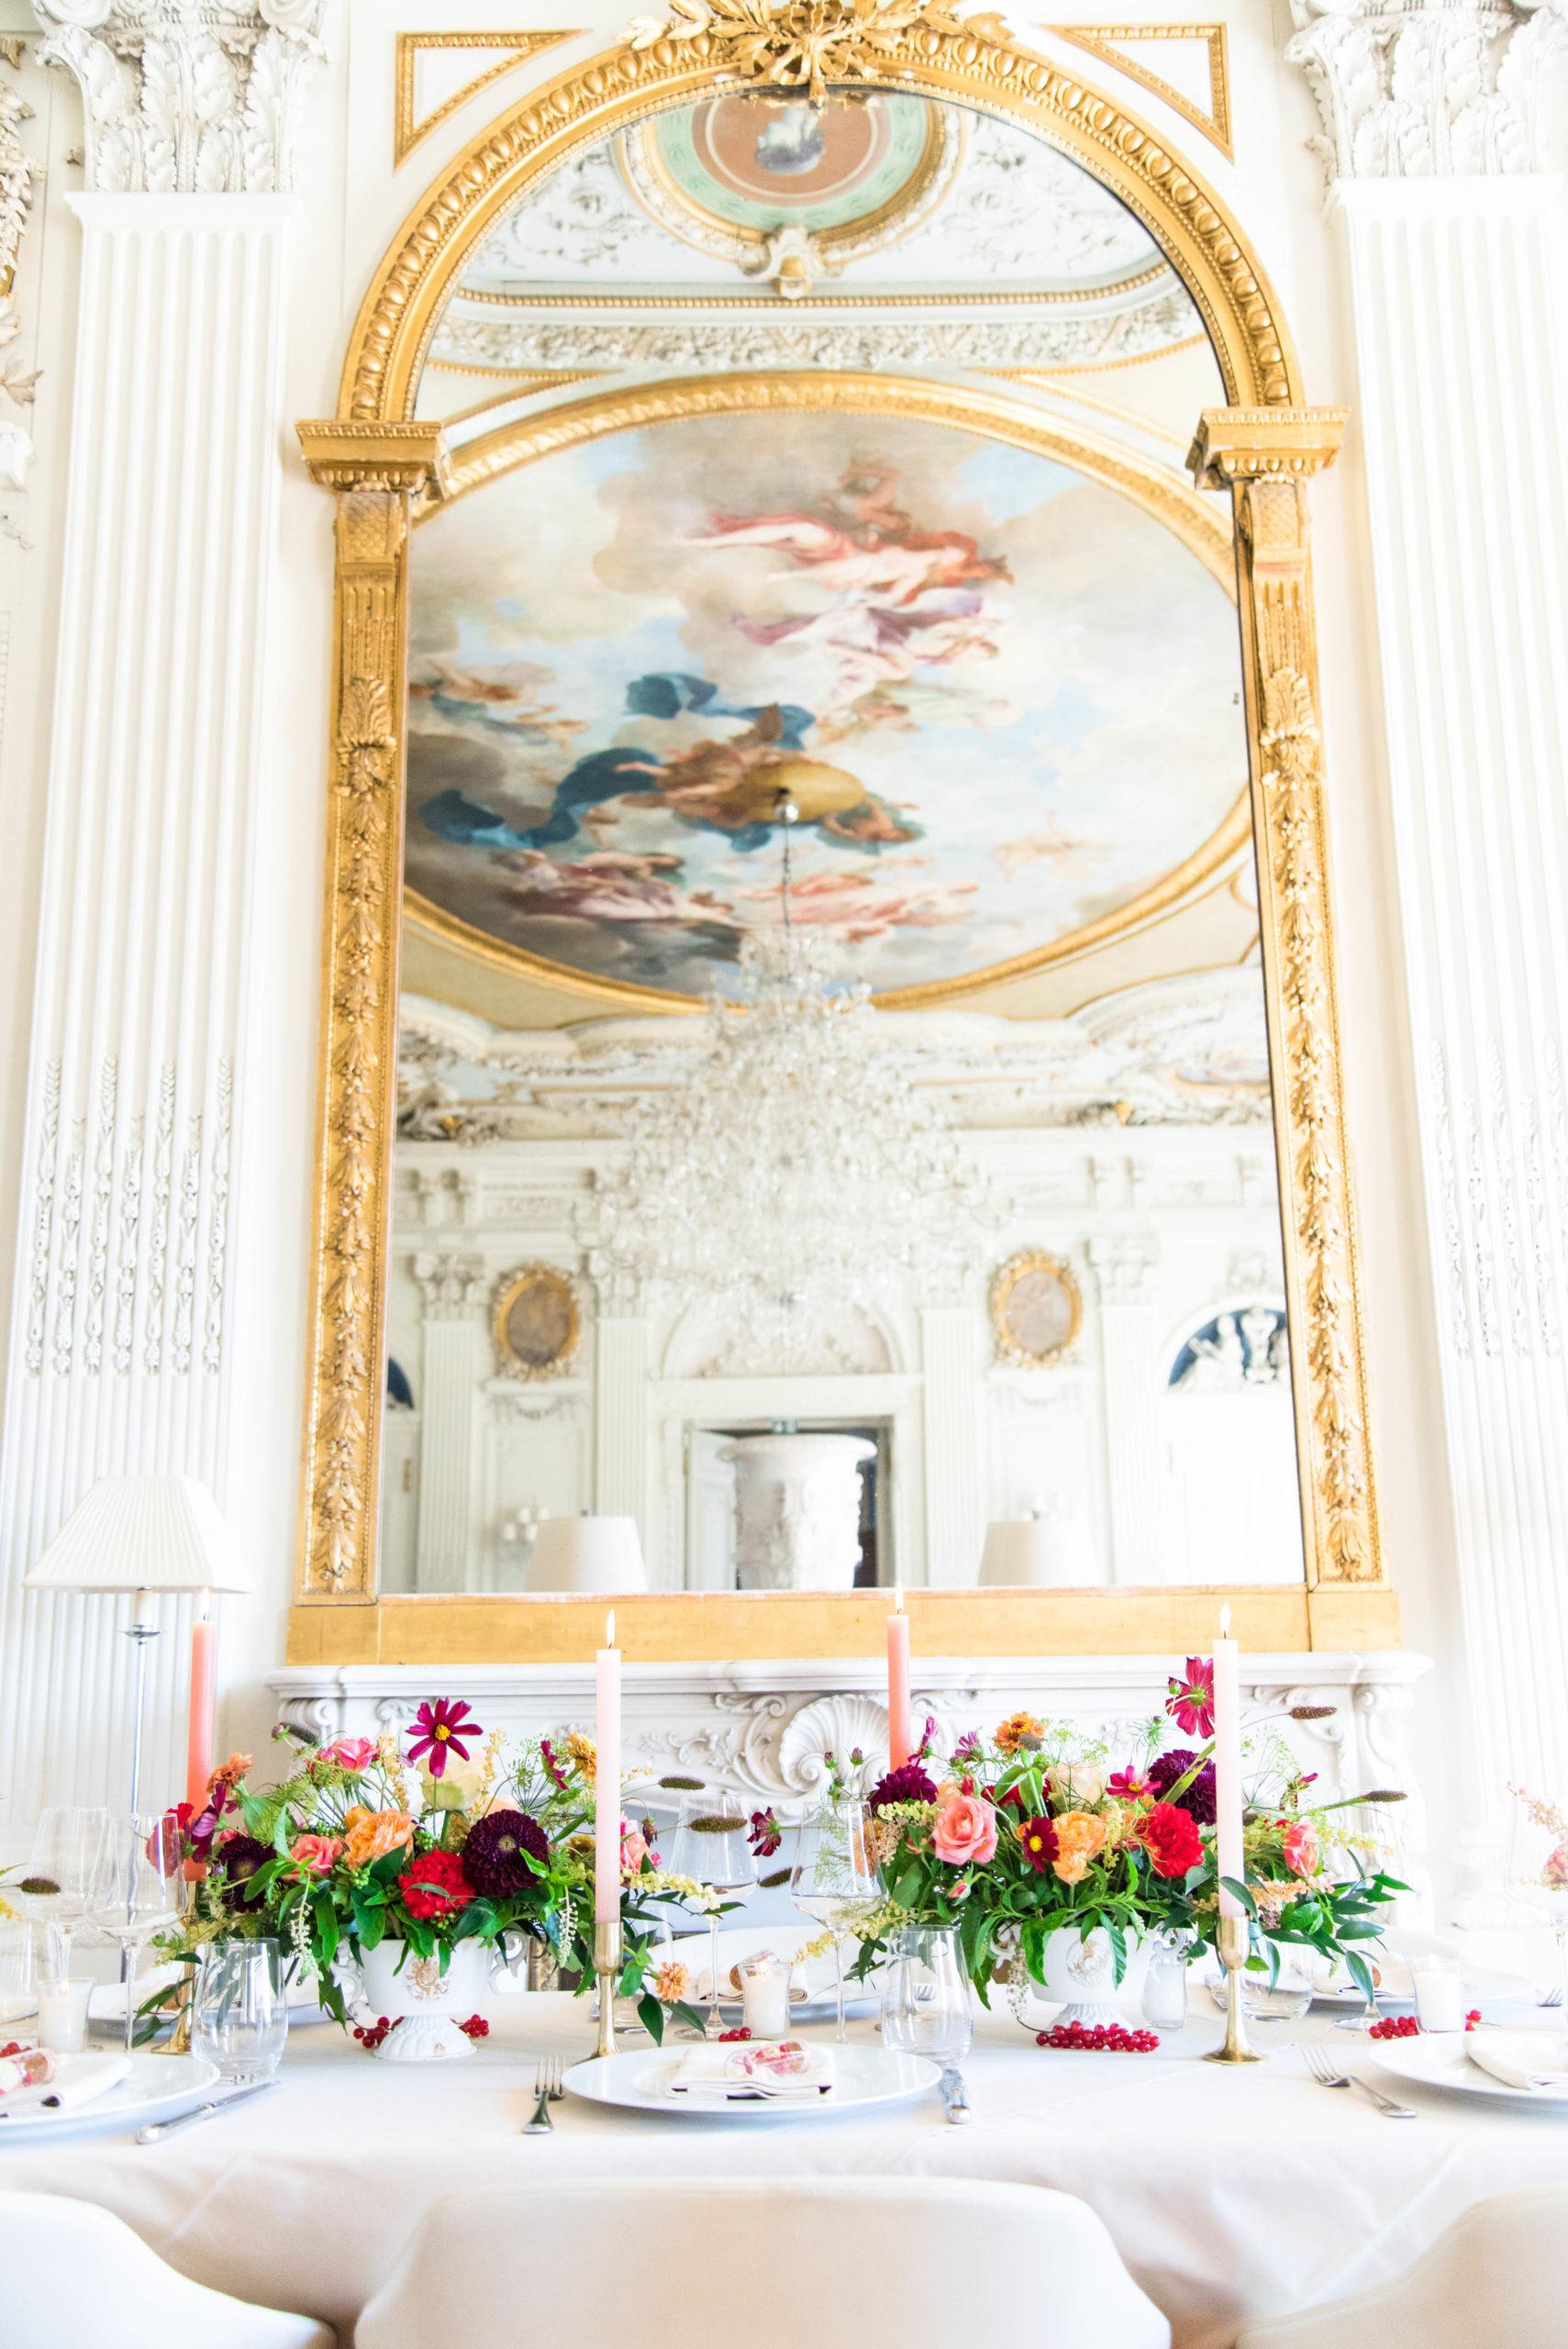 lieu de reception | desbulles et des etoiles wedding planner paris ile de france val d'oise